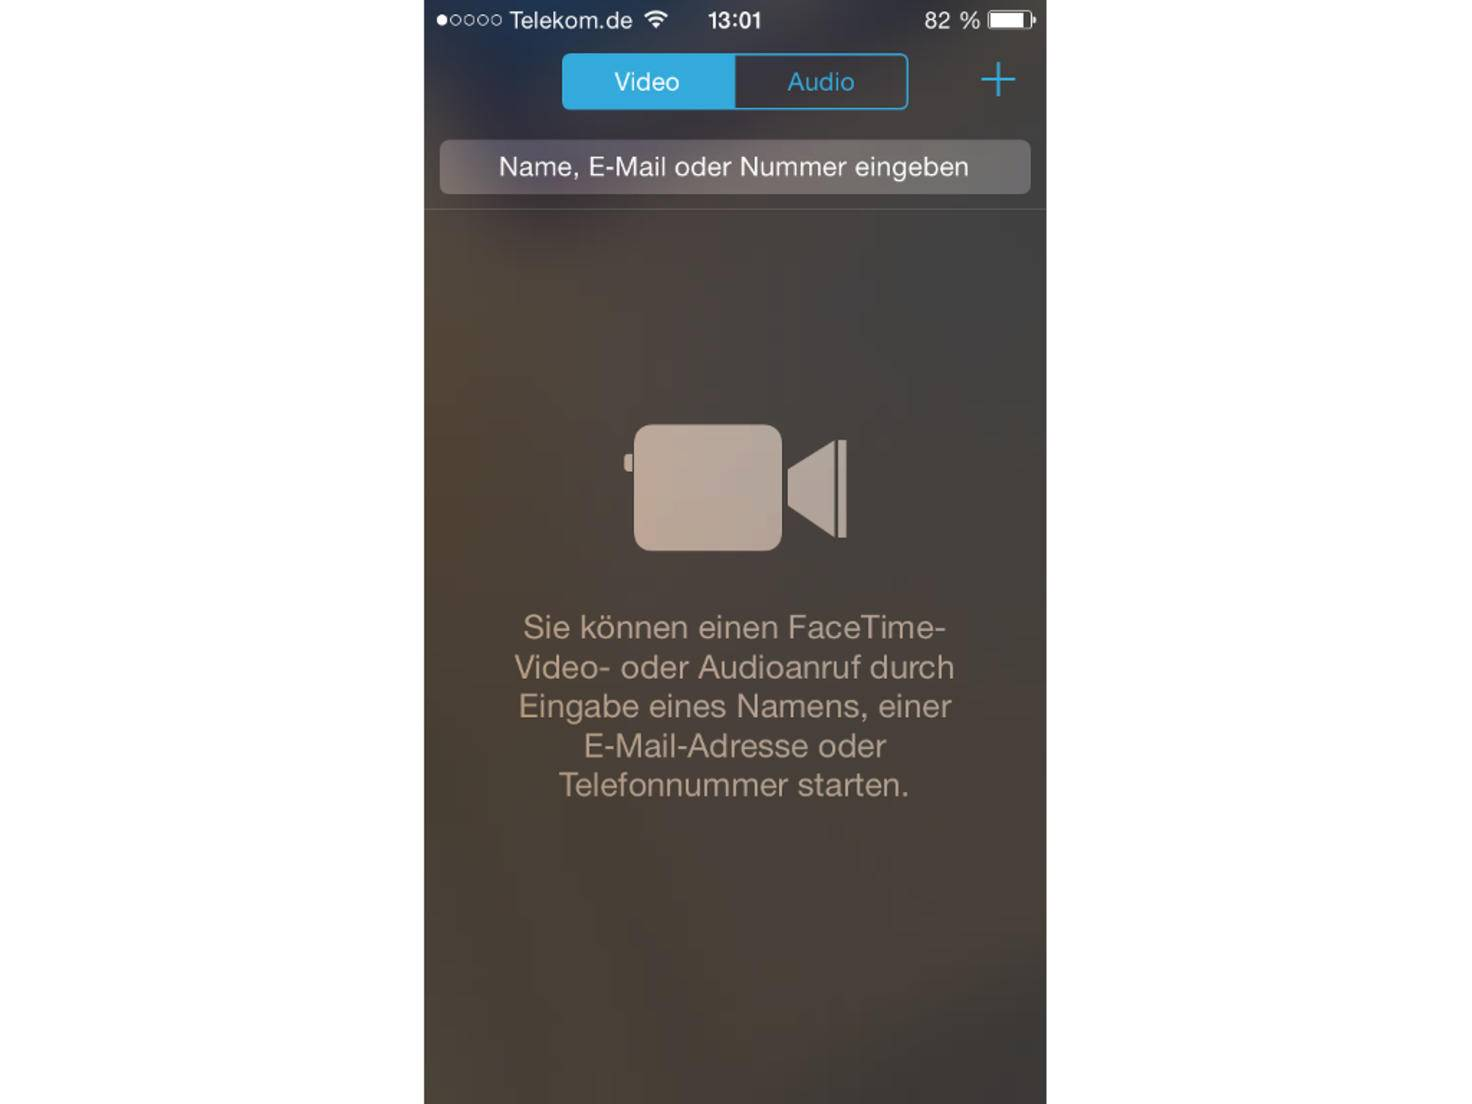 FaceTime funktioniert nur auf Apple-Geräten.